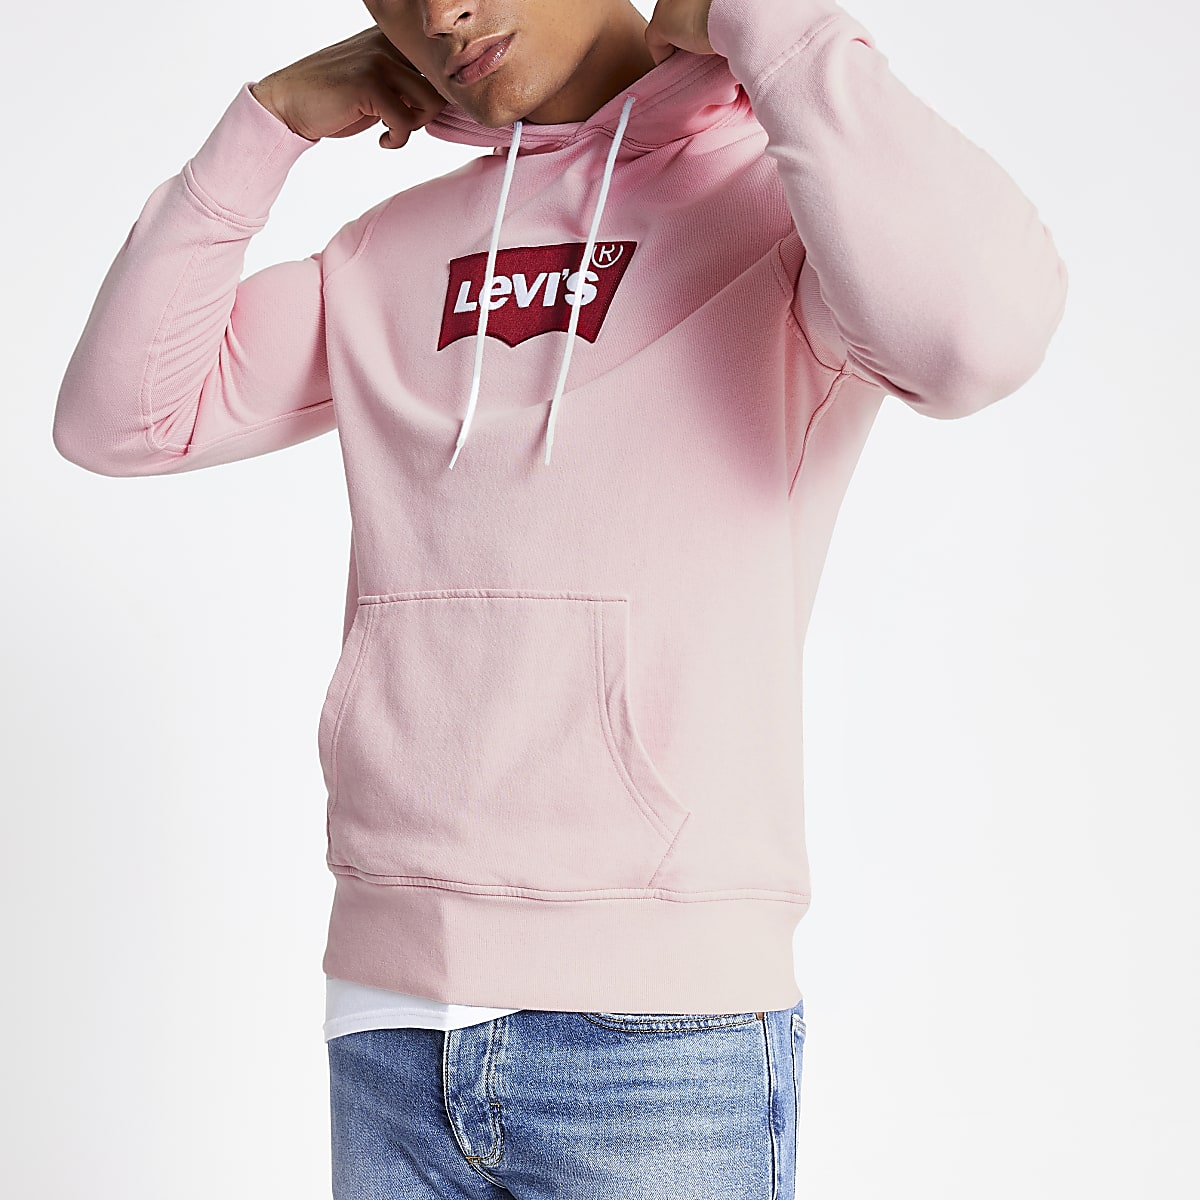 Levi's - Roze hoodie met logo